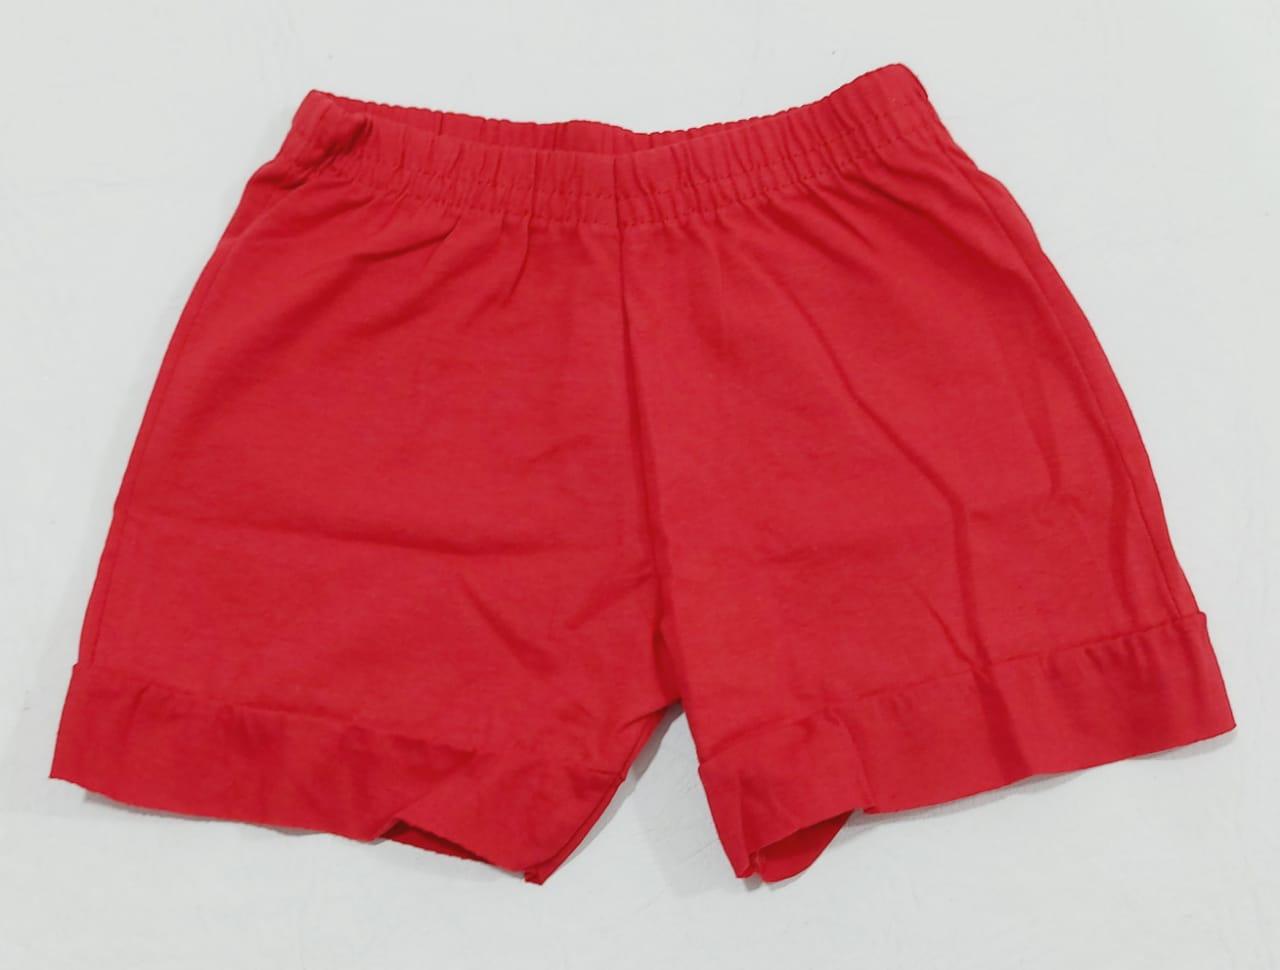 Conjunto Verão Gatinha - Camisa Regata E Shorts - 02 Peças - 2 Anos - Fashion Kids